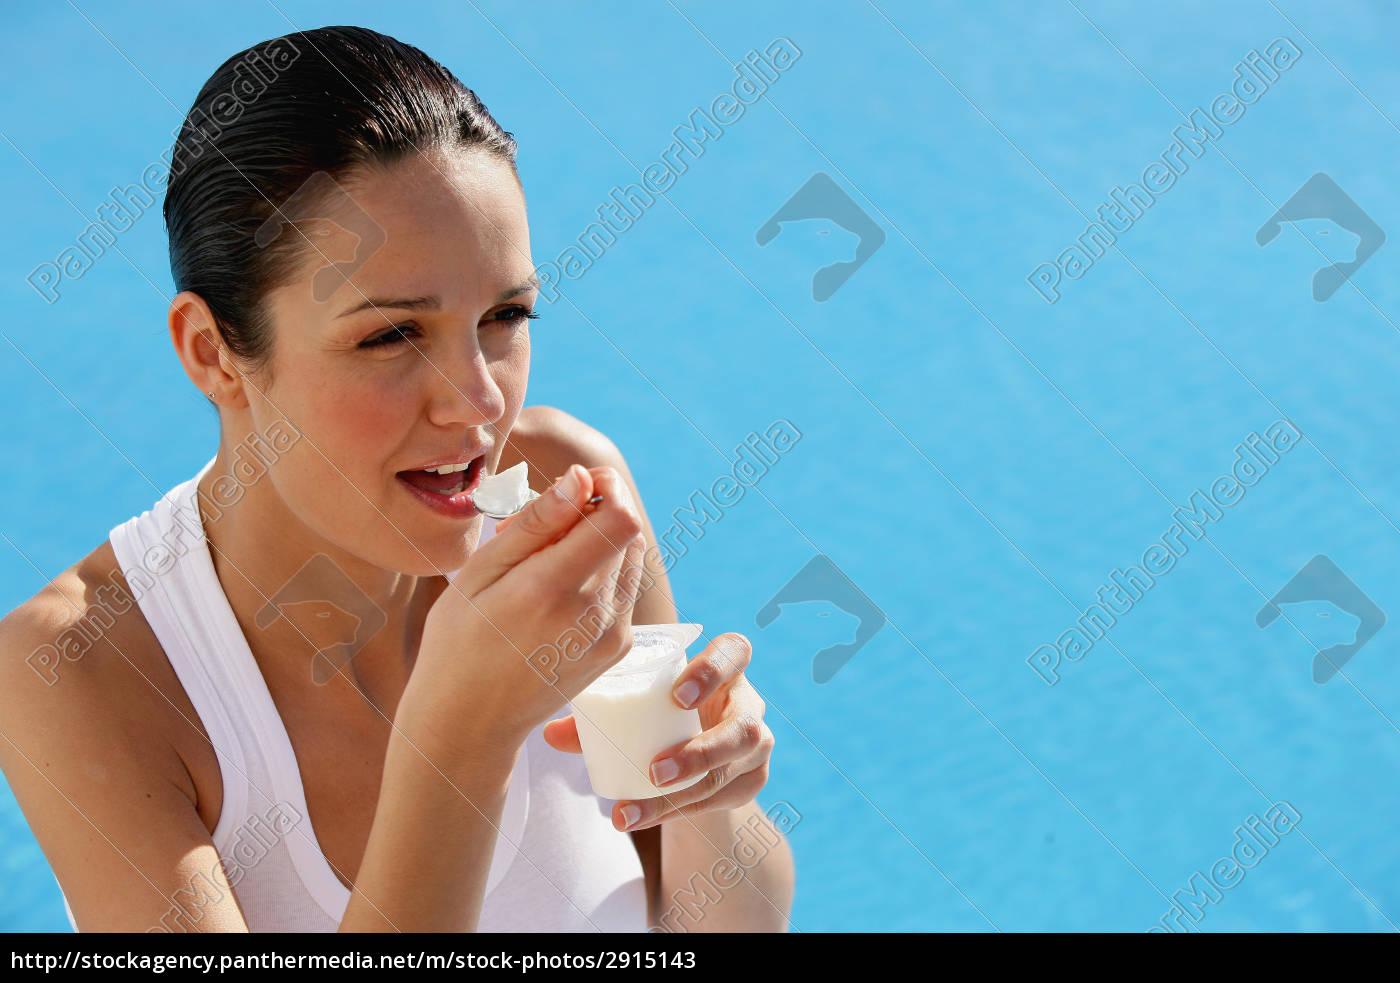 portrait, of, a, woman, eating, yogurt - 2915143